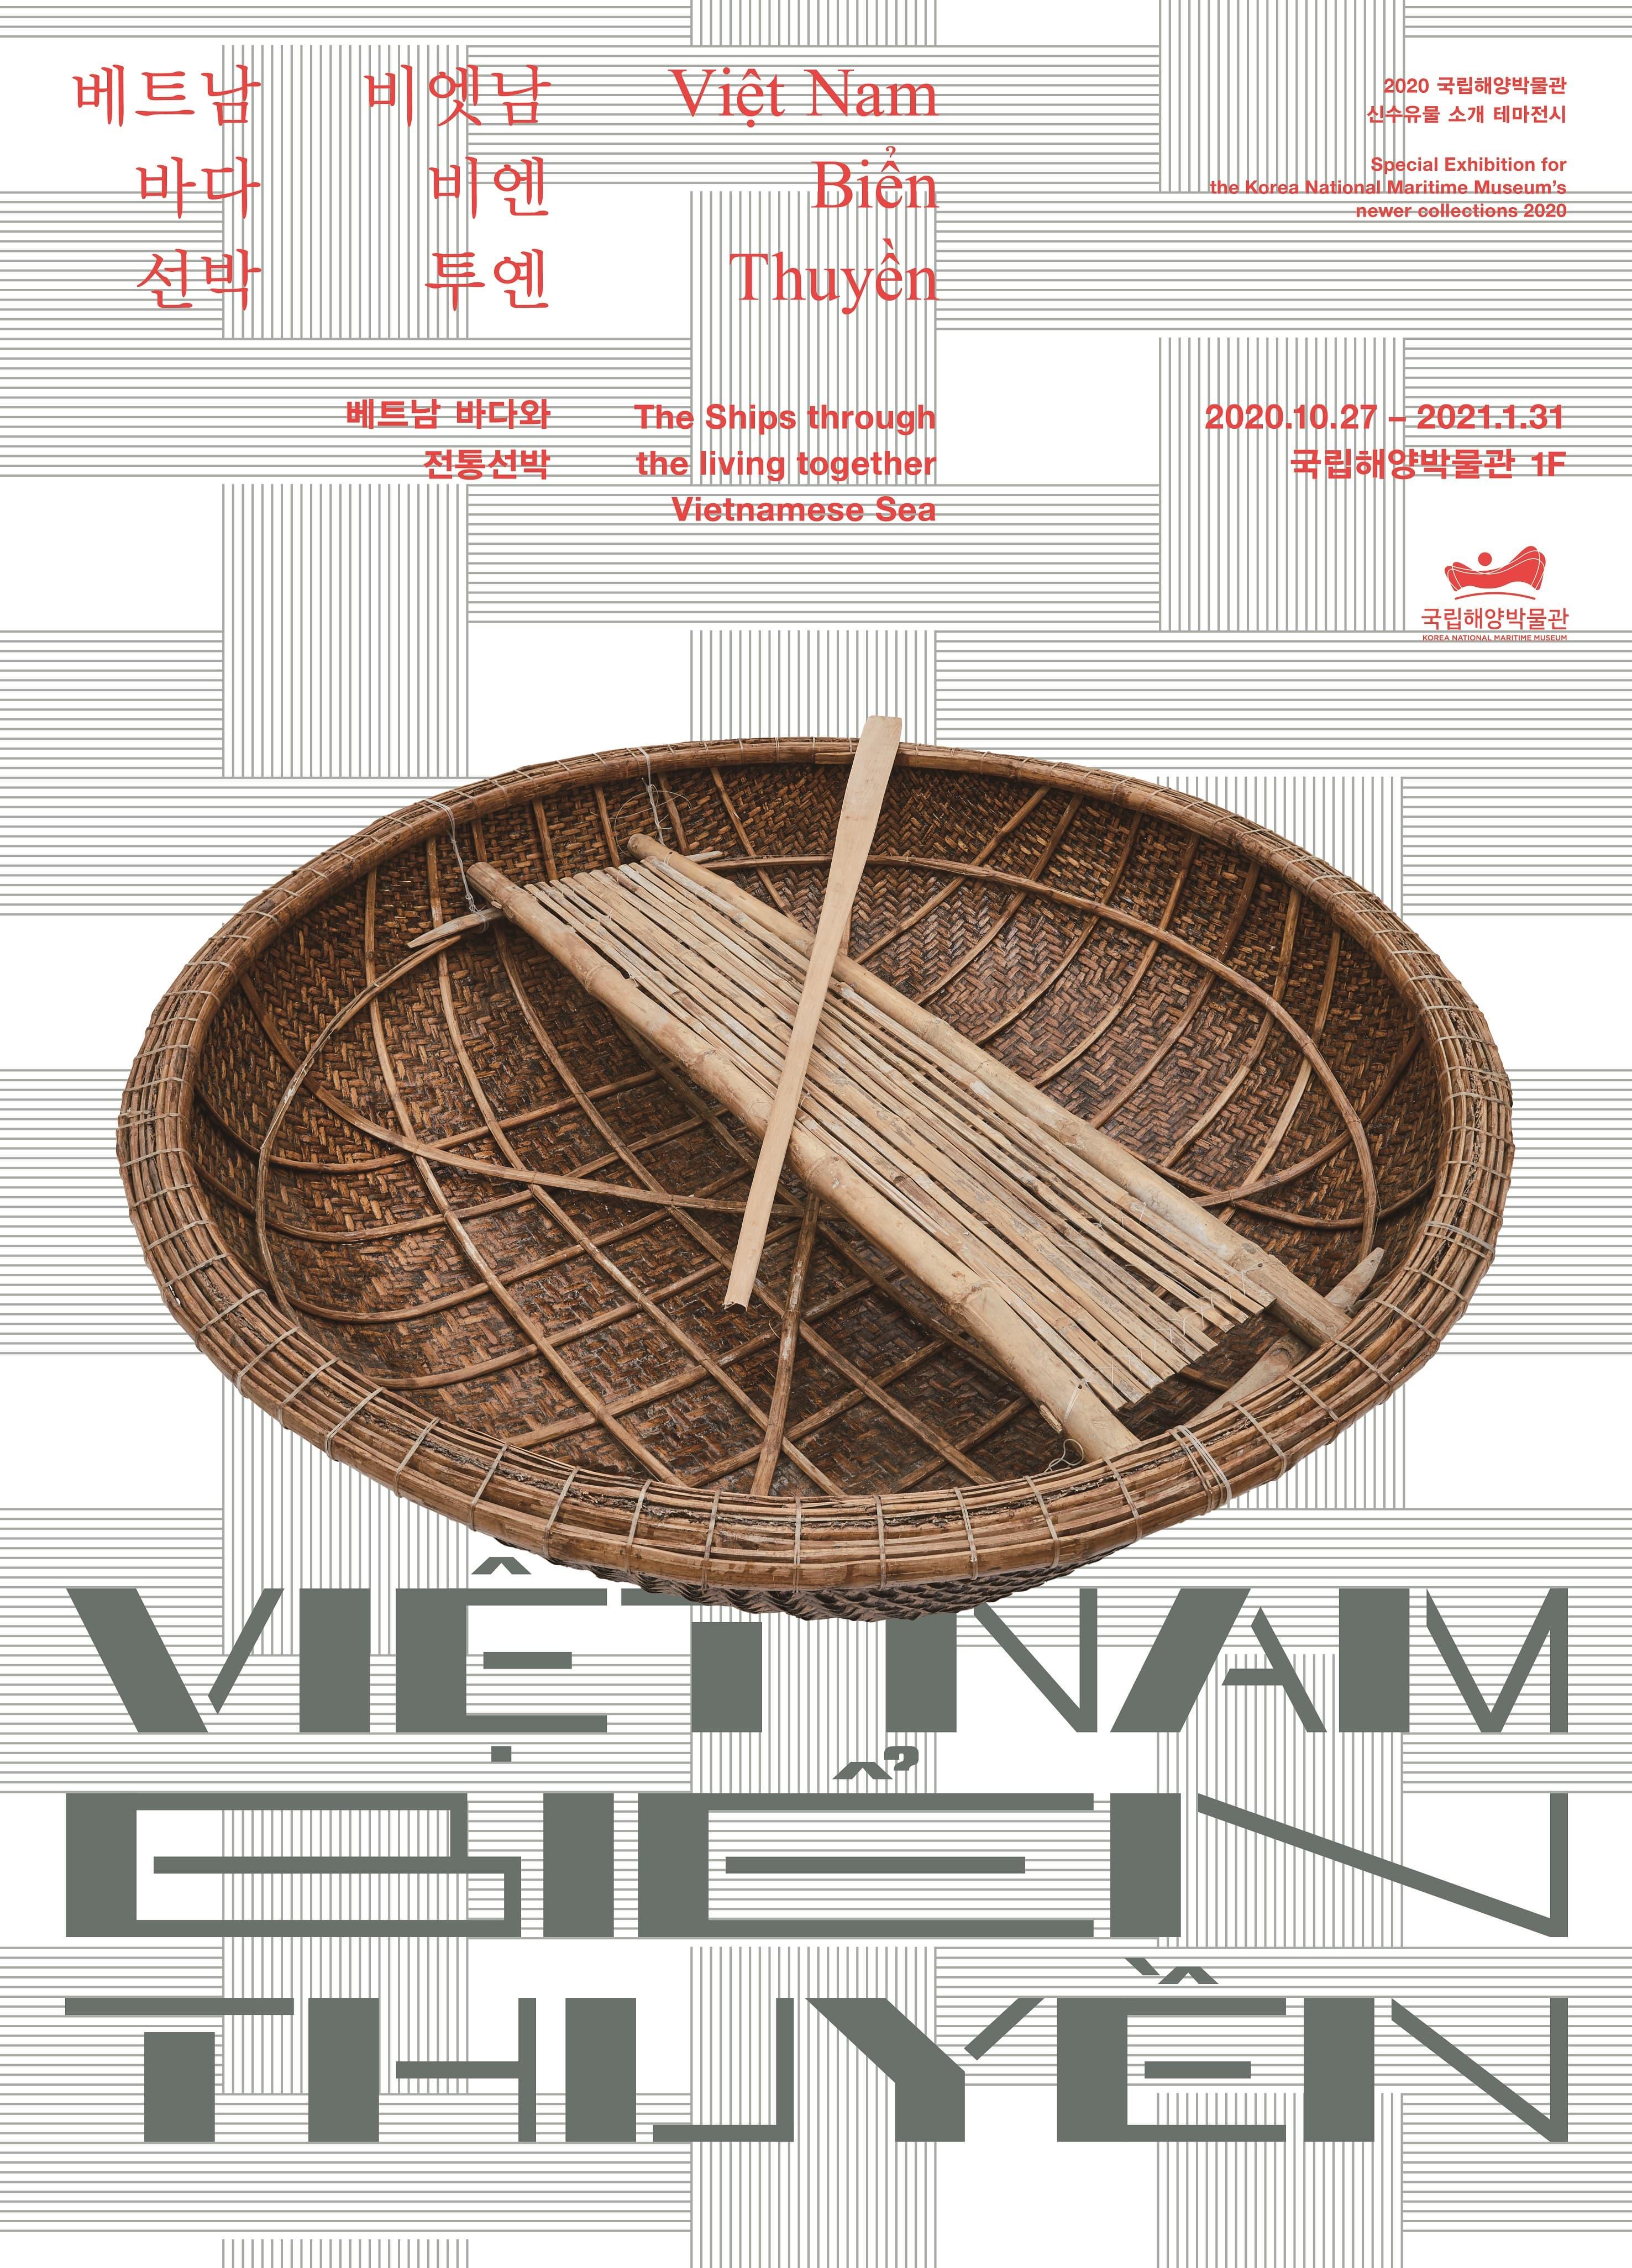 비엣남, 비엔, 투옌 : 베트남 바다와 전통 선박